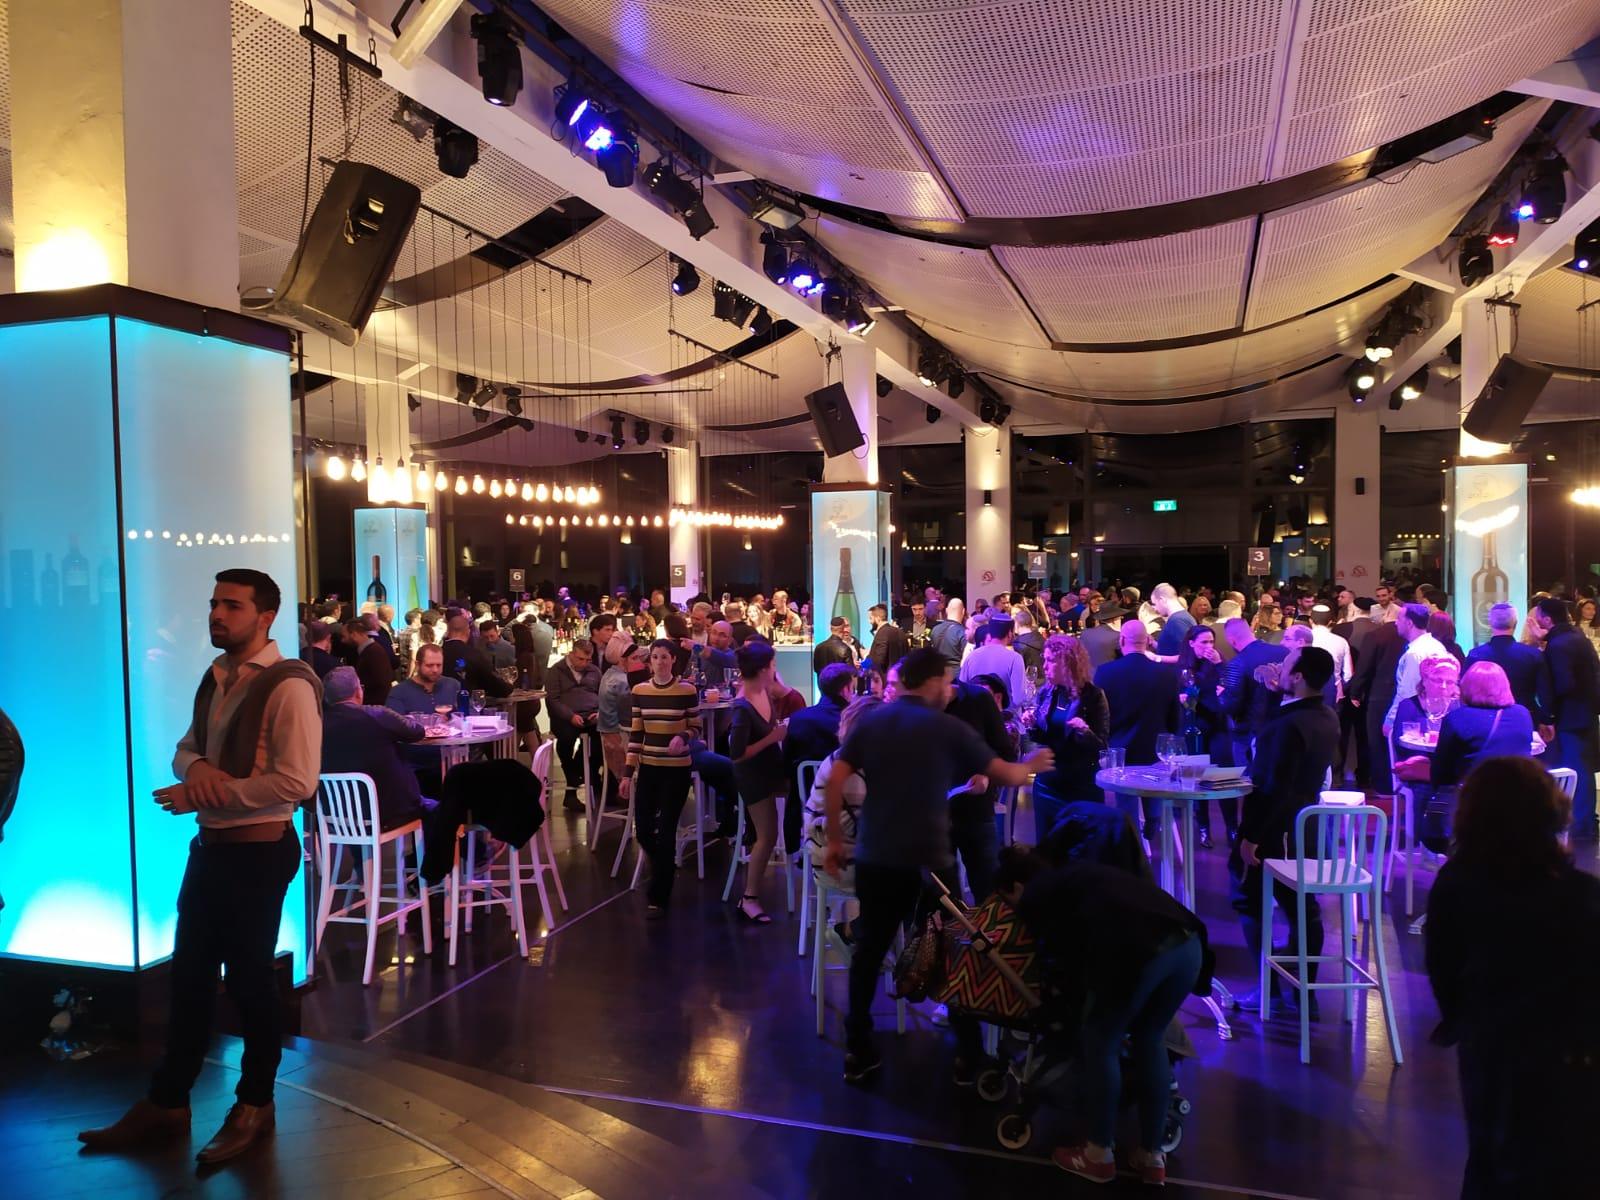 כ-2000 מבקרים בפסטיבל היין הבינלאומי הכשר 'טועמים עולם'